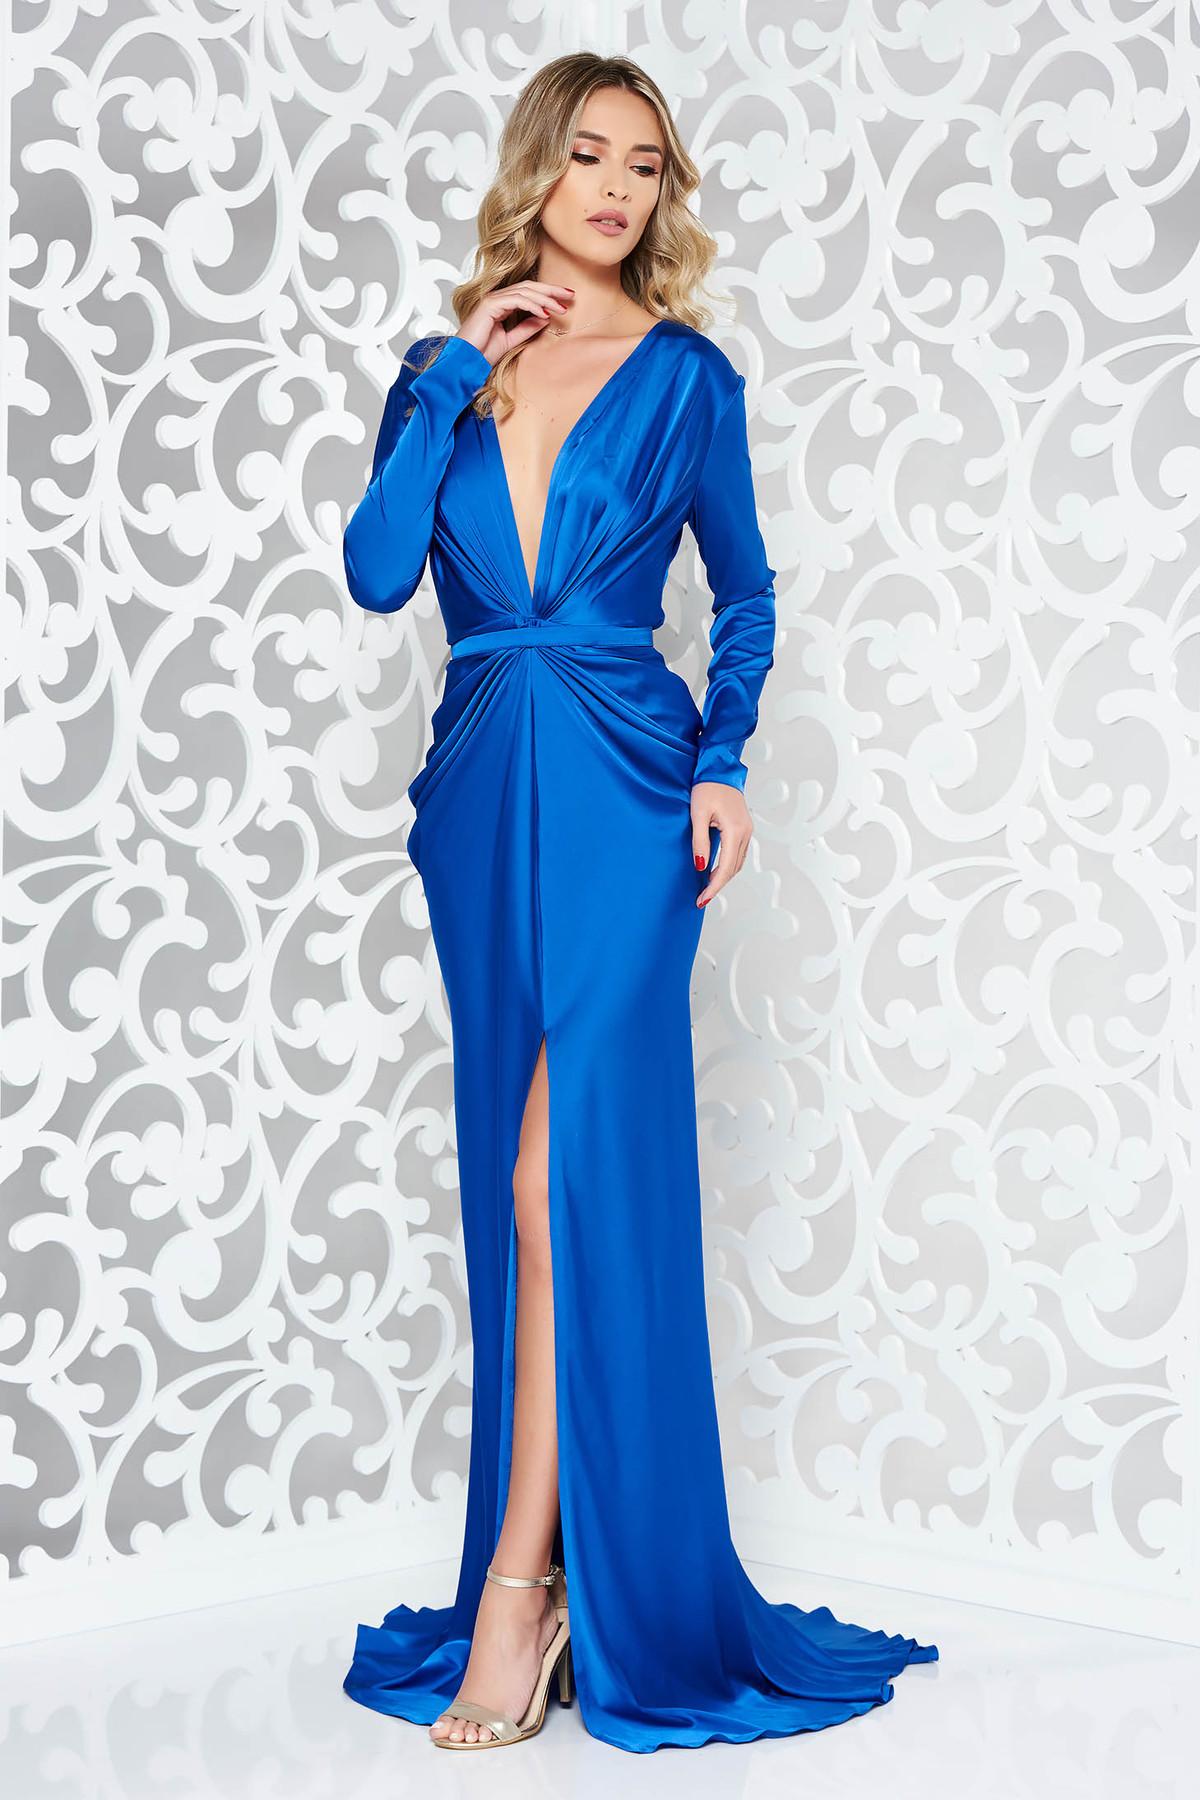 Rochie Ana Radu albastra de lux tip sirena din material satinat cu decolteu adanc accesorizata cu cordon